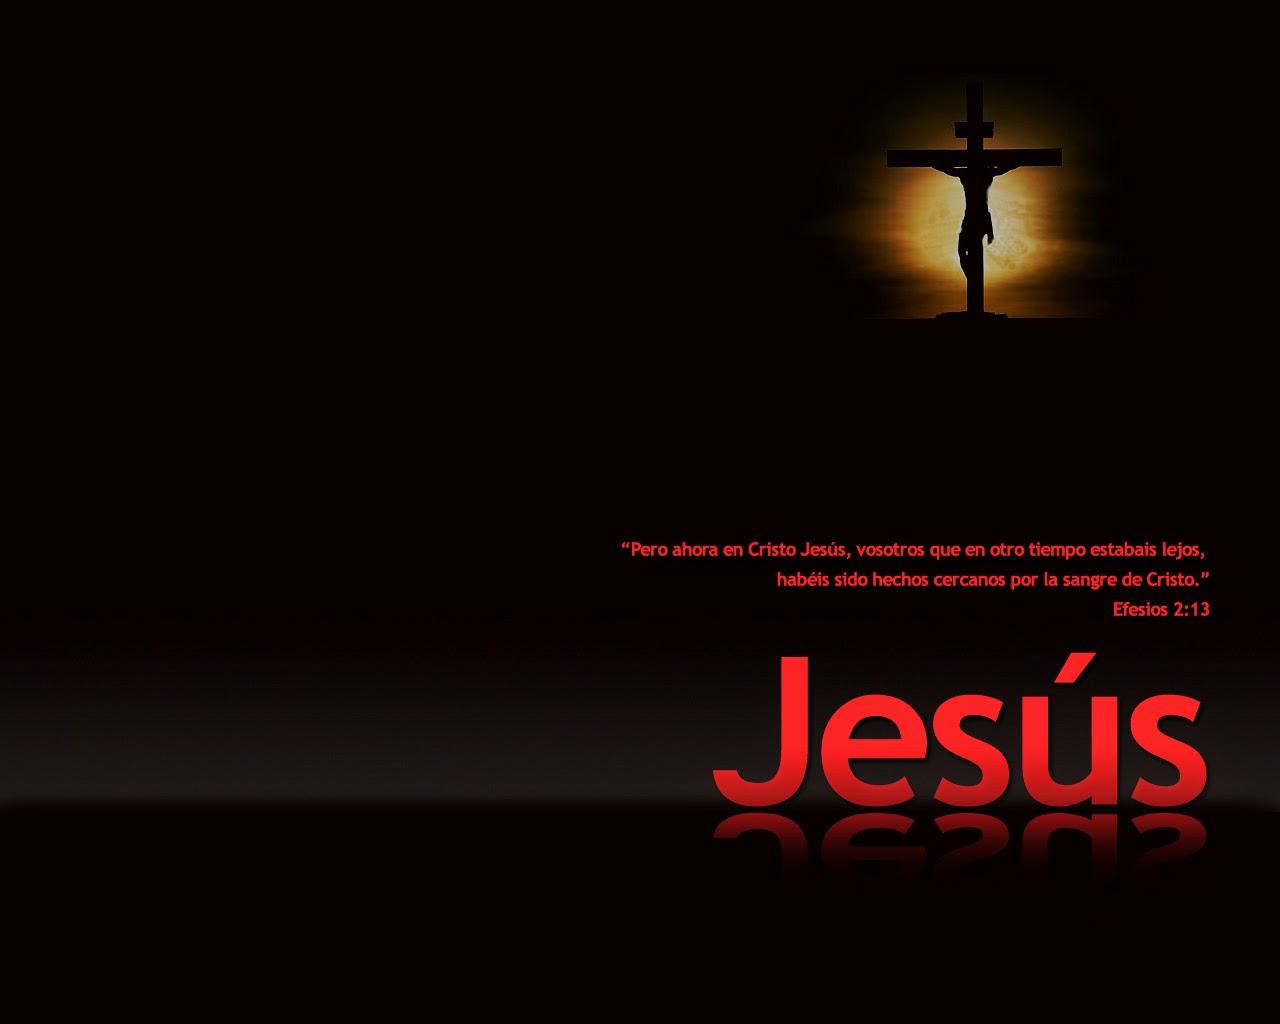 fondos de pantalla cristianos para celulares